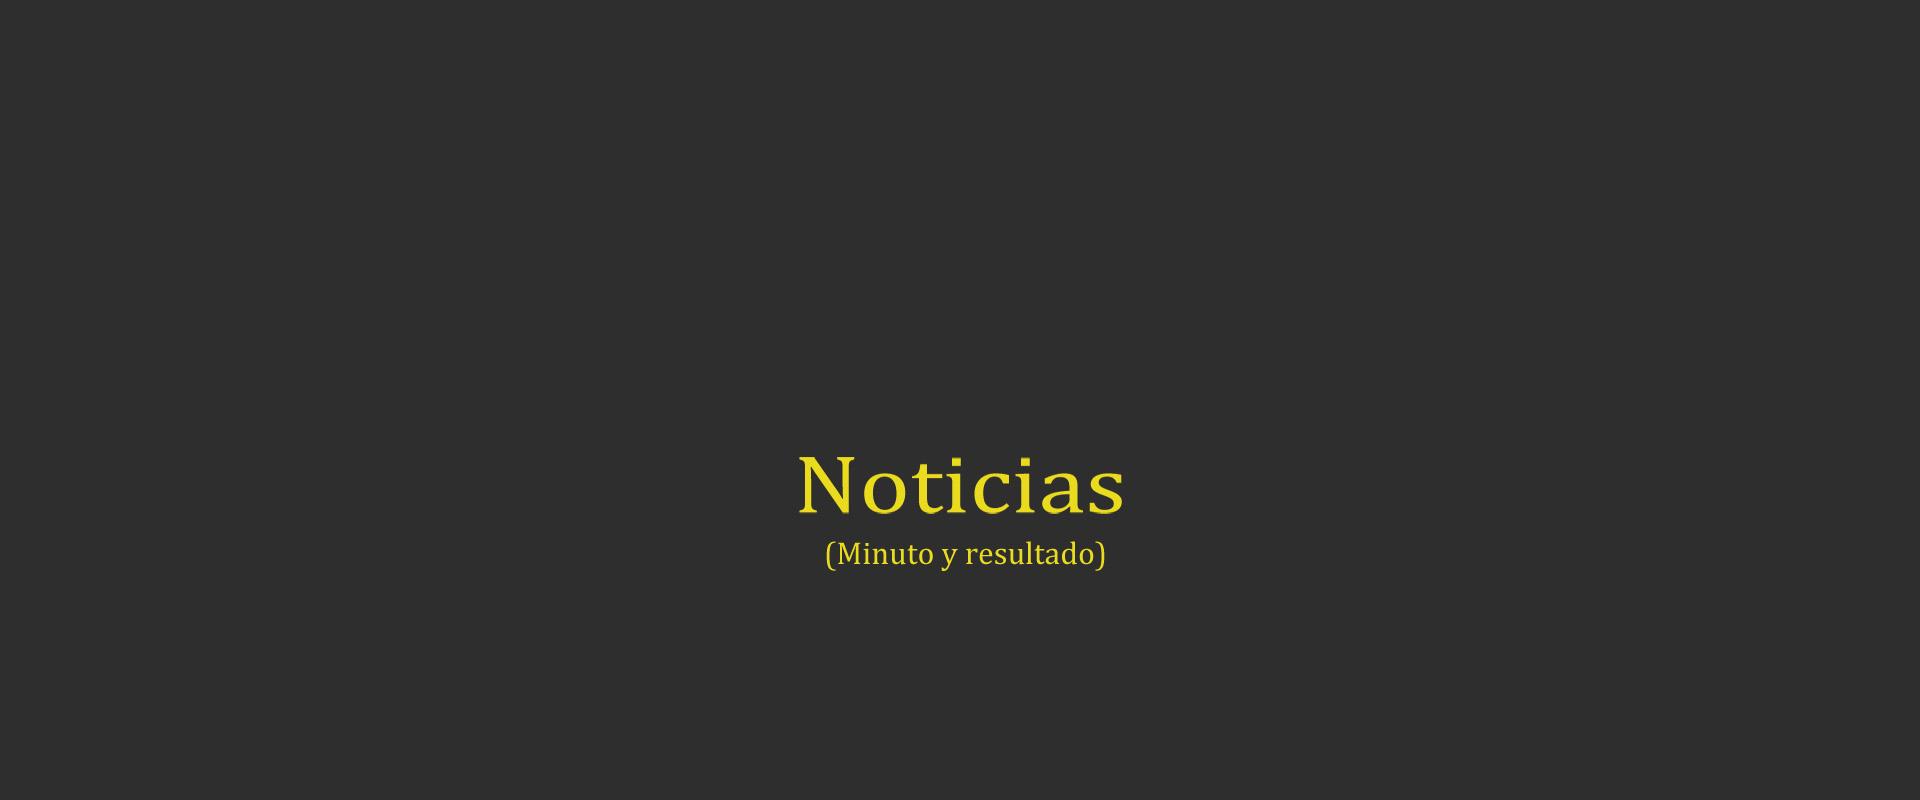 notis